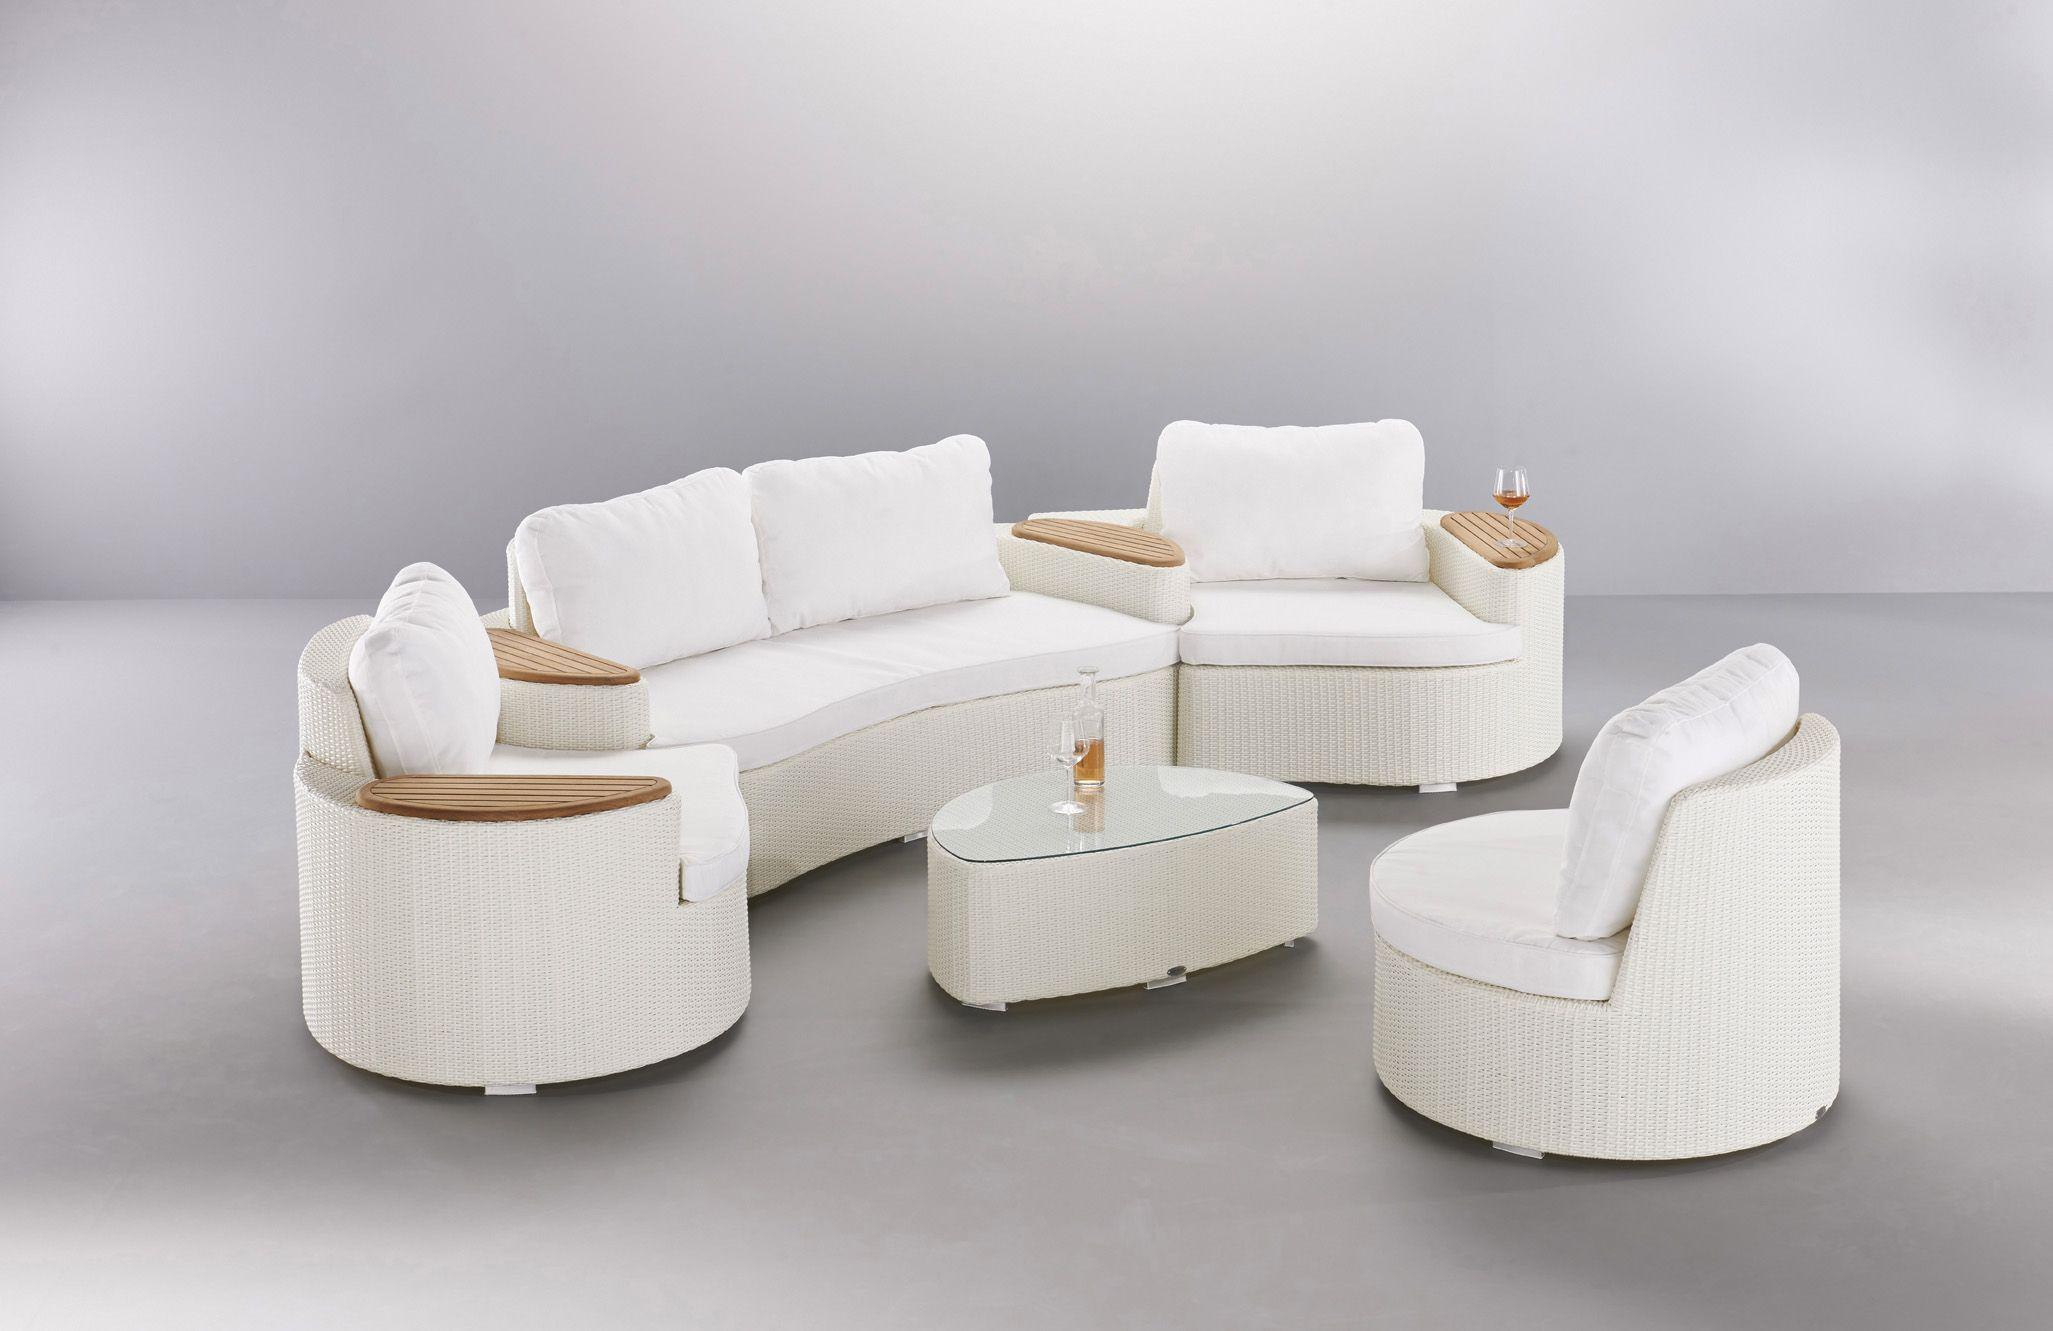 salon de jardin corfou en r sine tress e blanche et. Black Bedroom Furniture Sets. Home Design Ideas